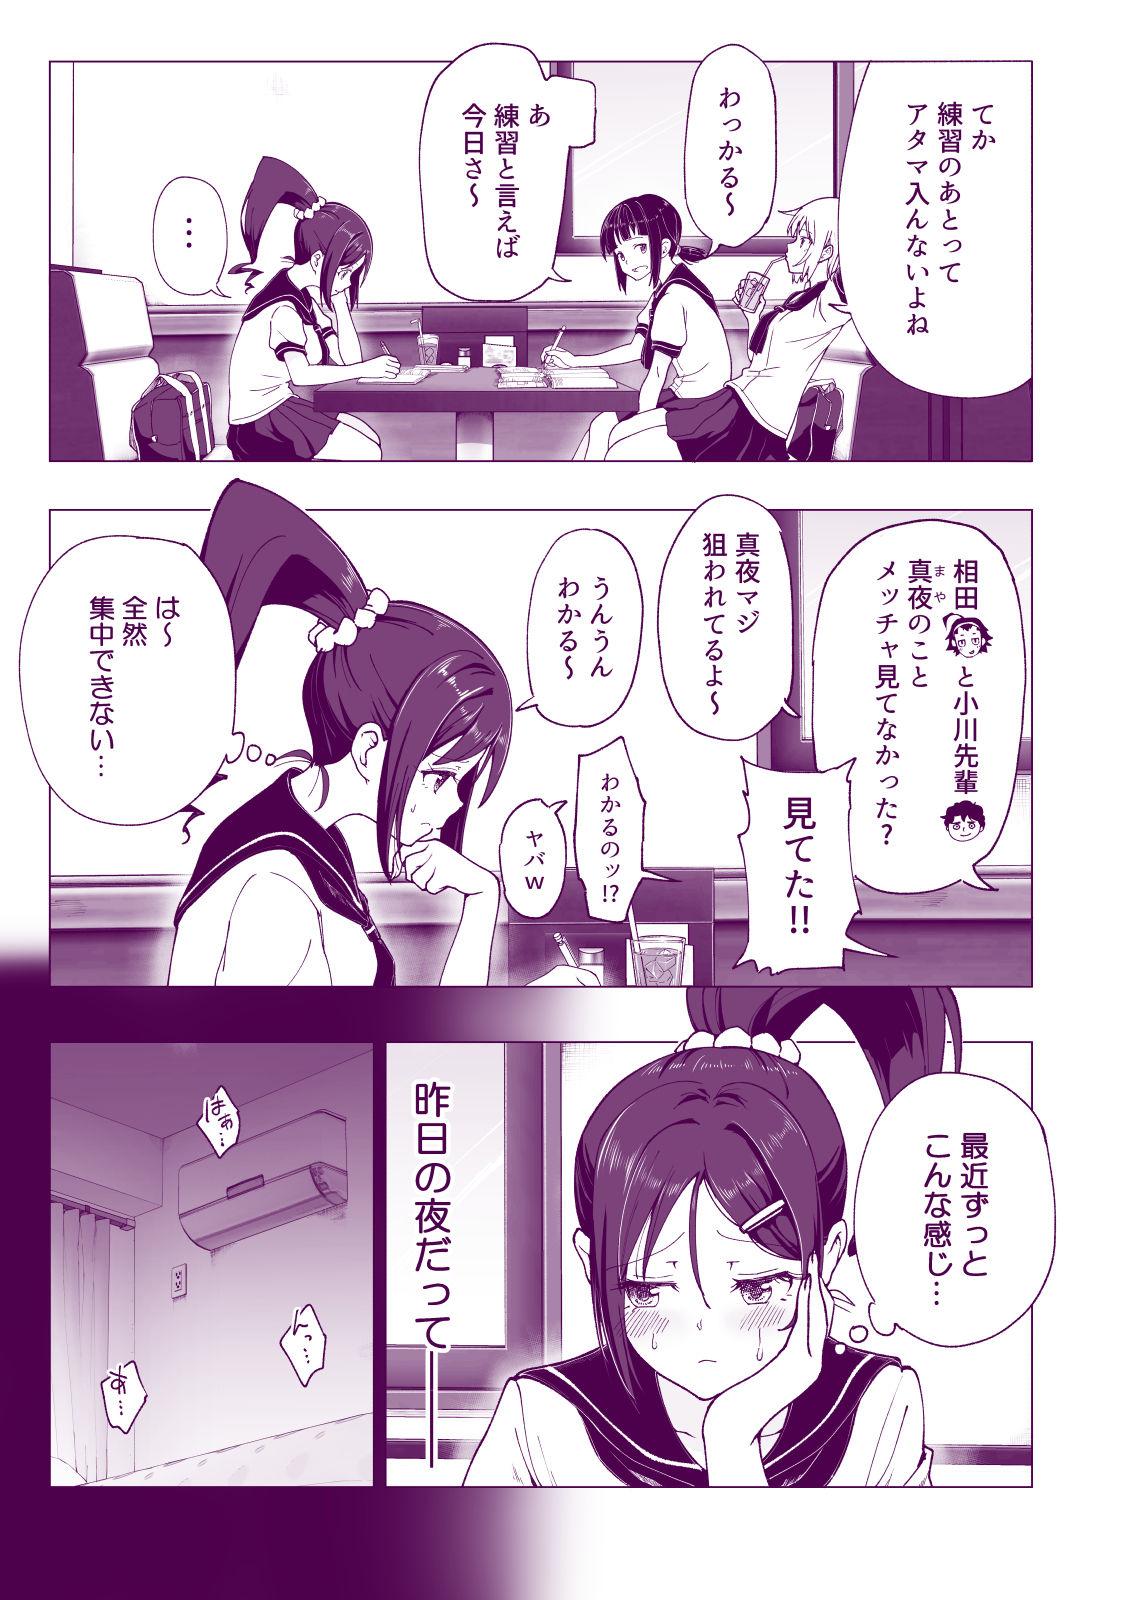 性感マッサージにハマってしまったバレー部女子の話〜後編〜 画像